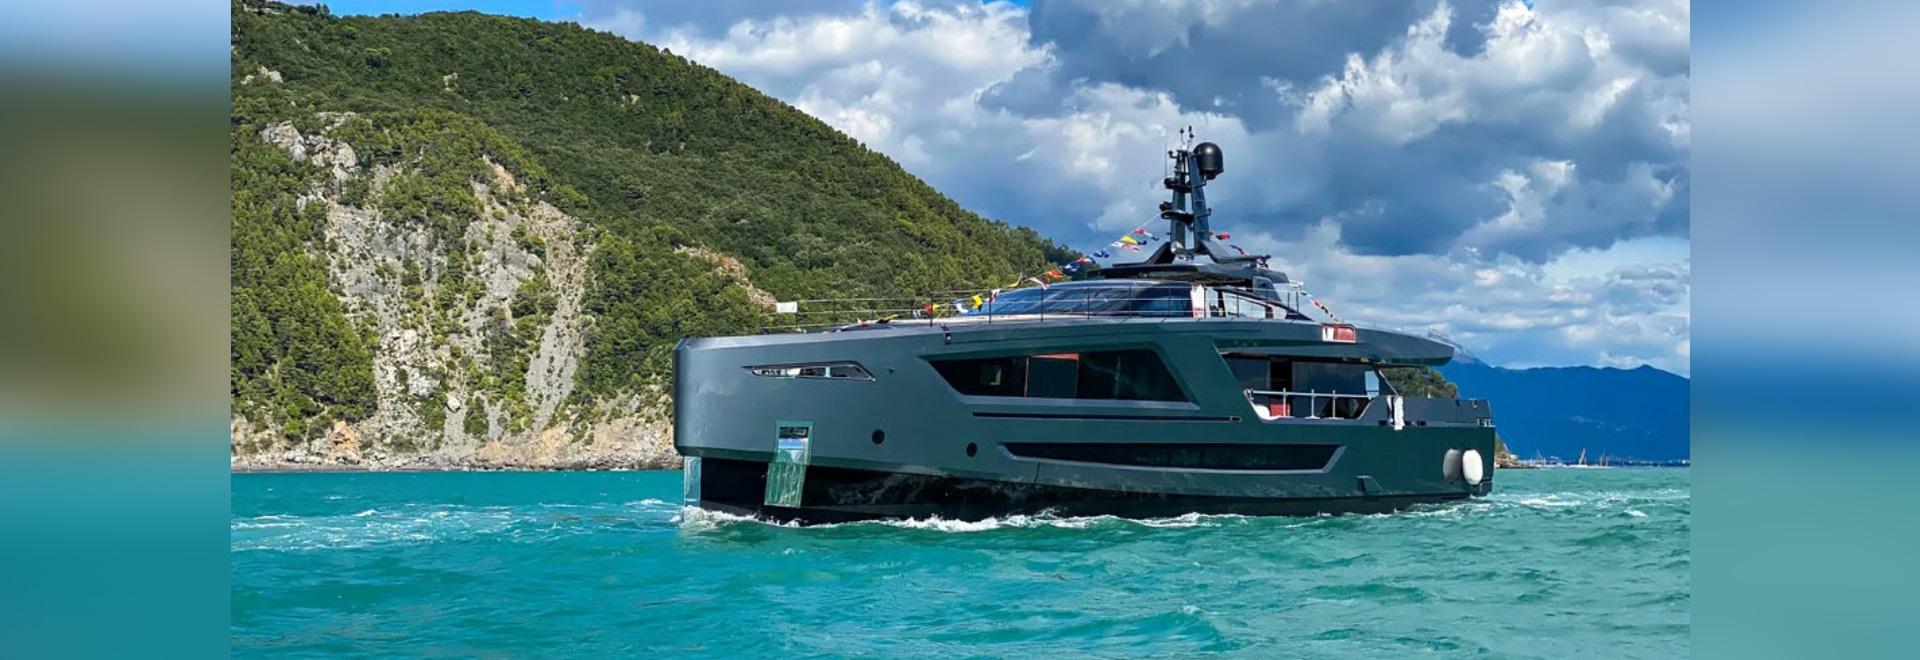 Baglietto Launches 40m Fast Jewel Panam